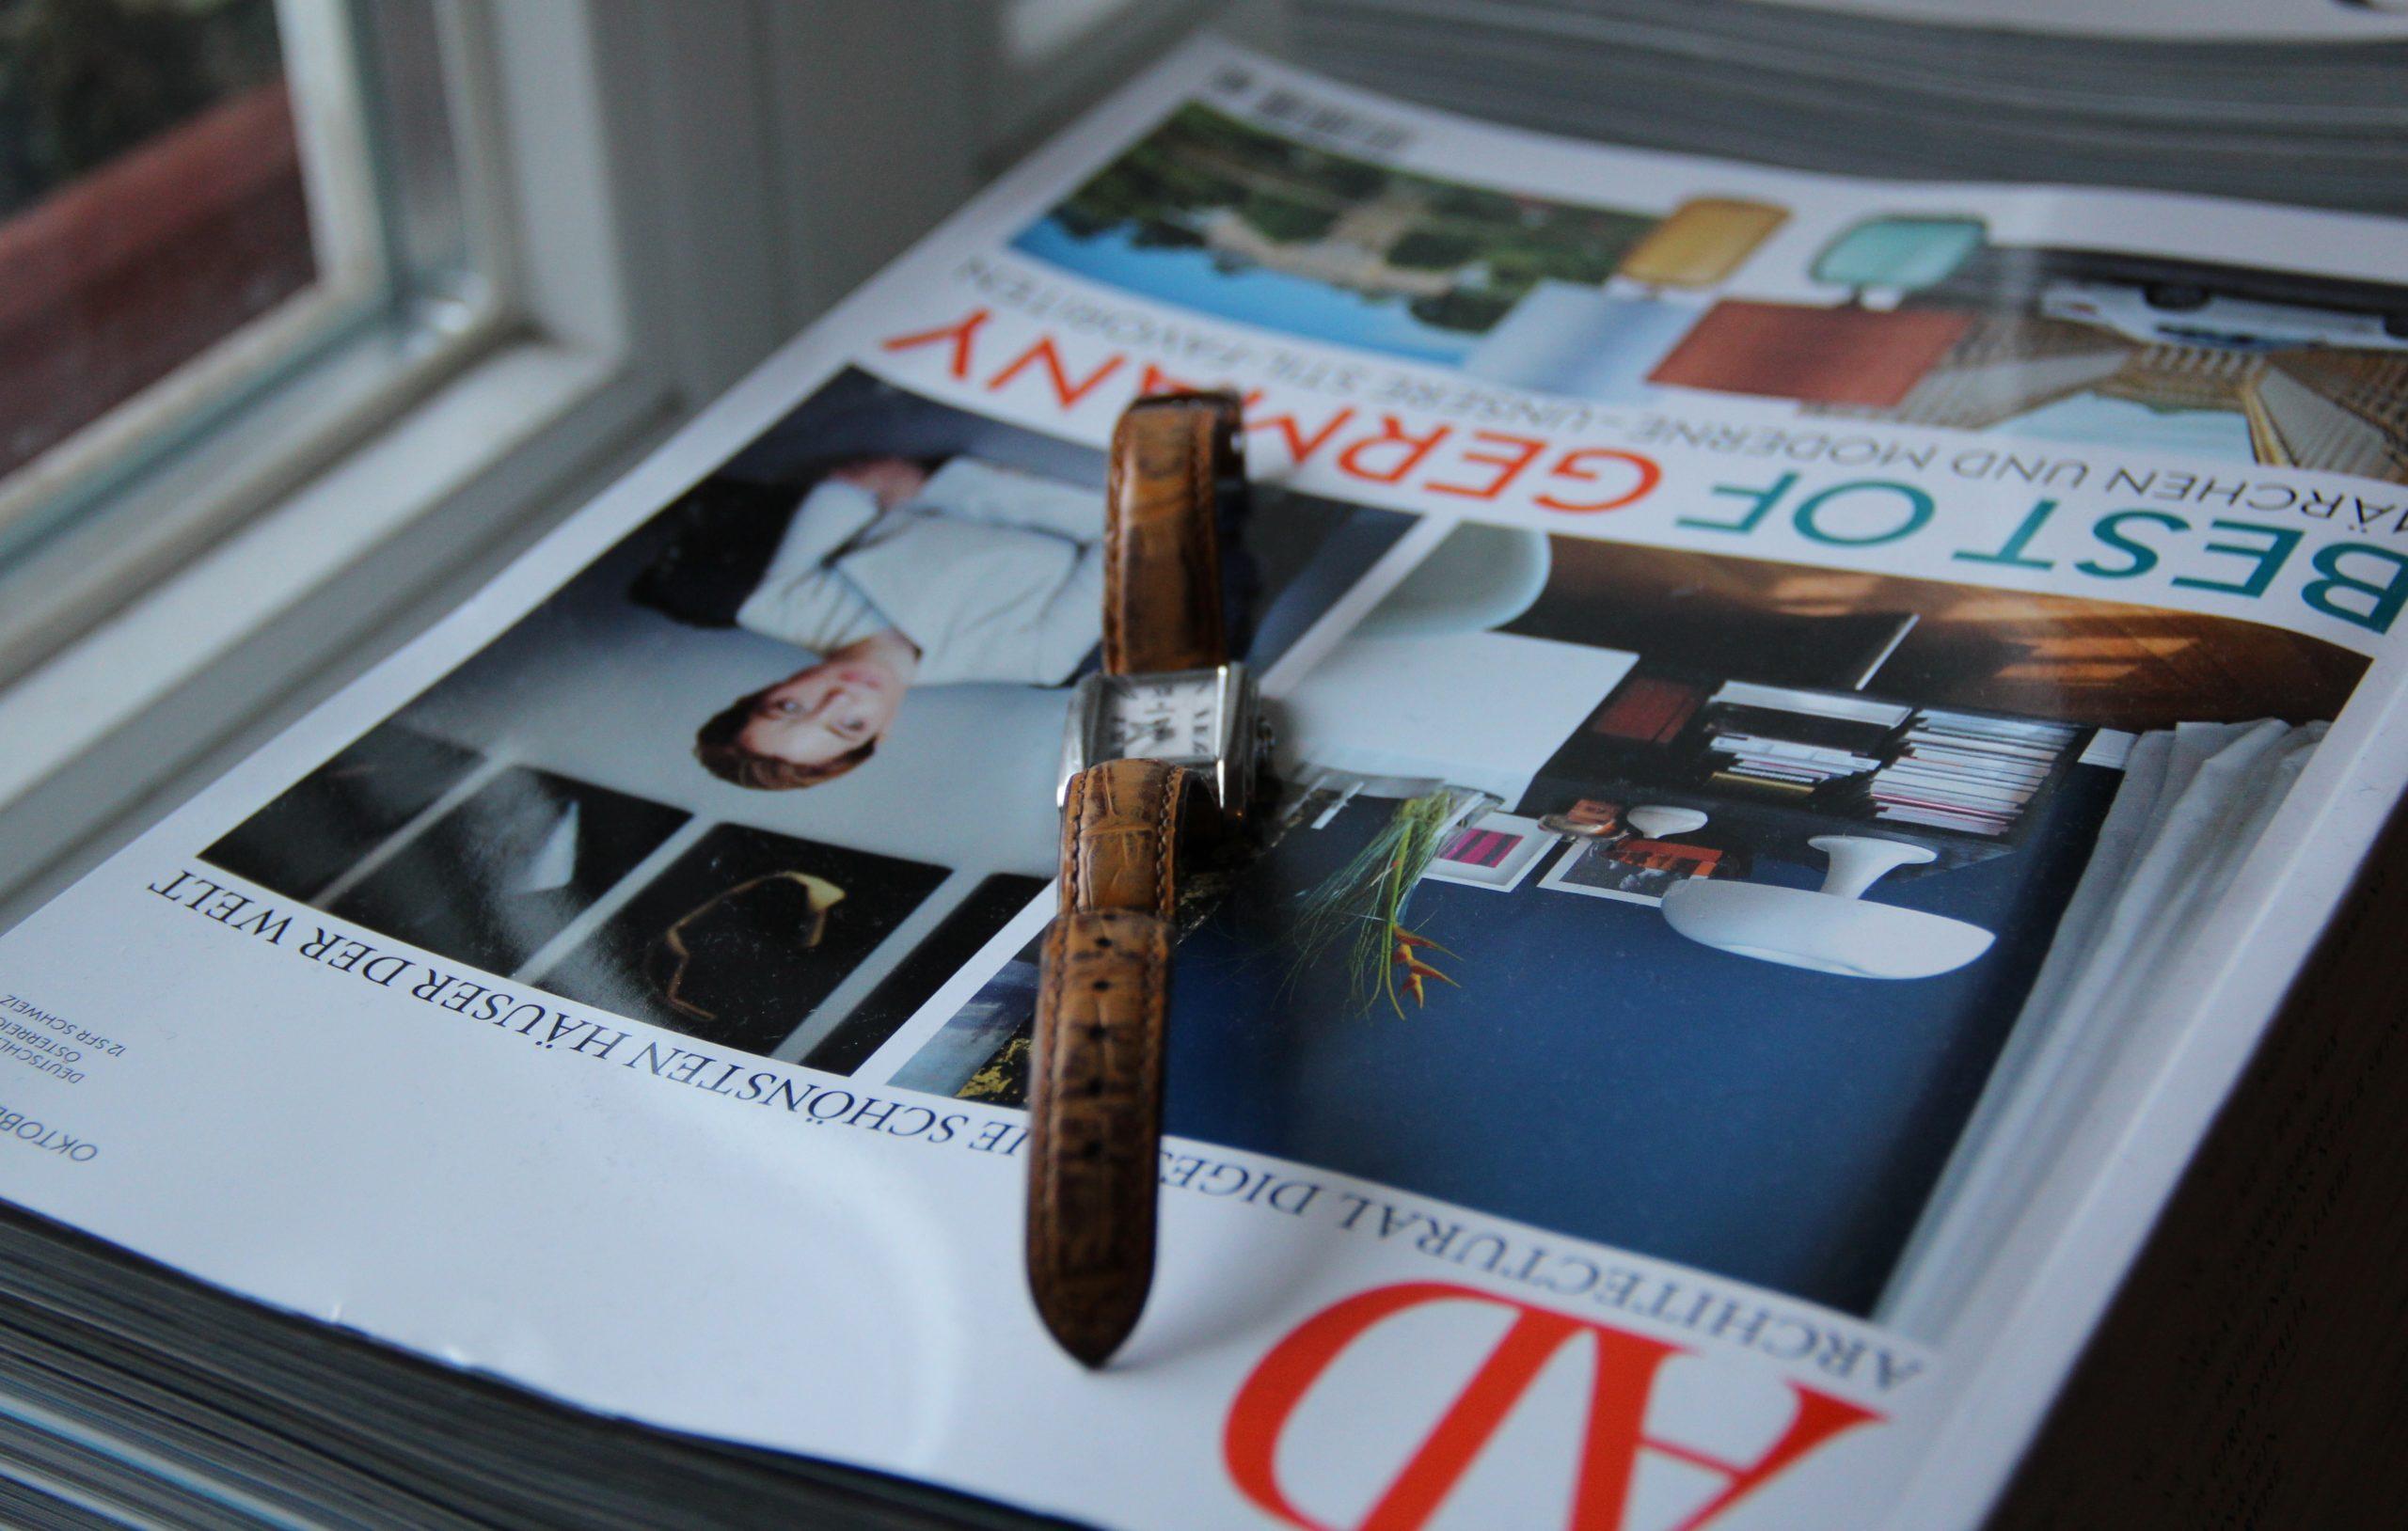 Stillleben mit klassischer Festina Damenuhr: Fundort diesmal auf dem Fensterbrett einen Zeitschriftenstapel zierend